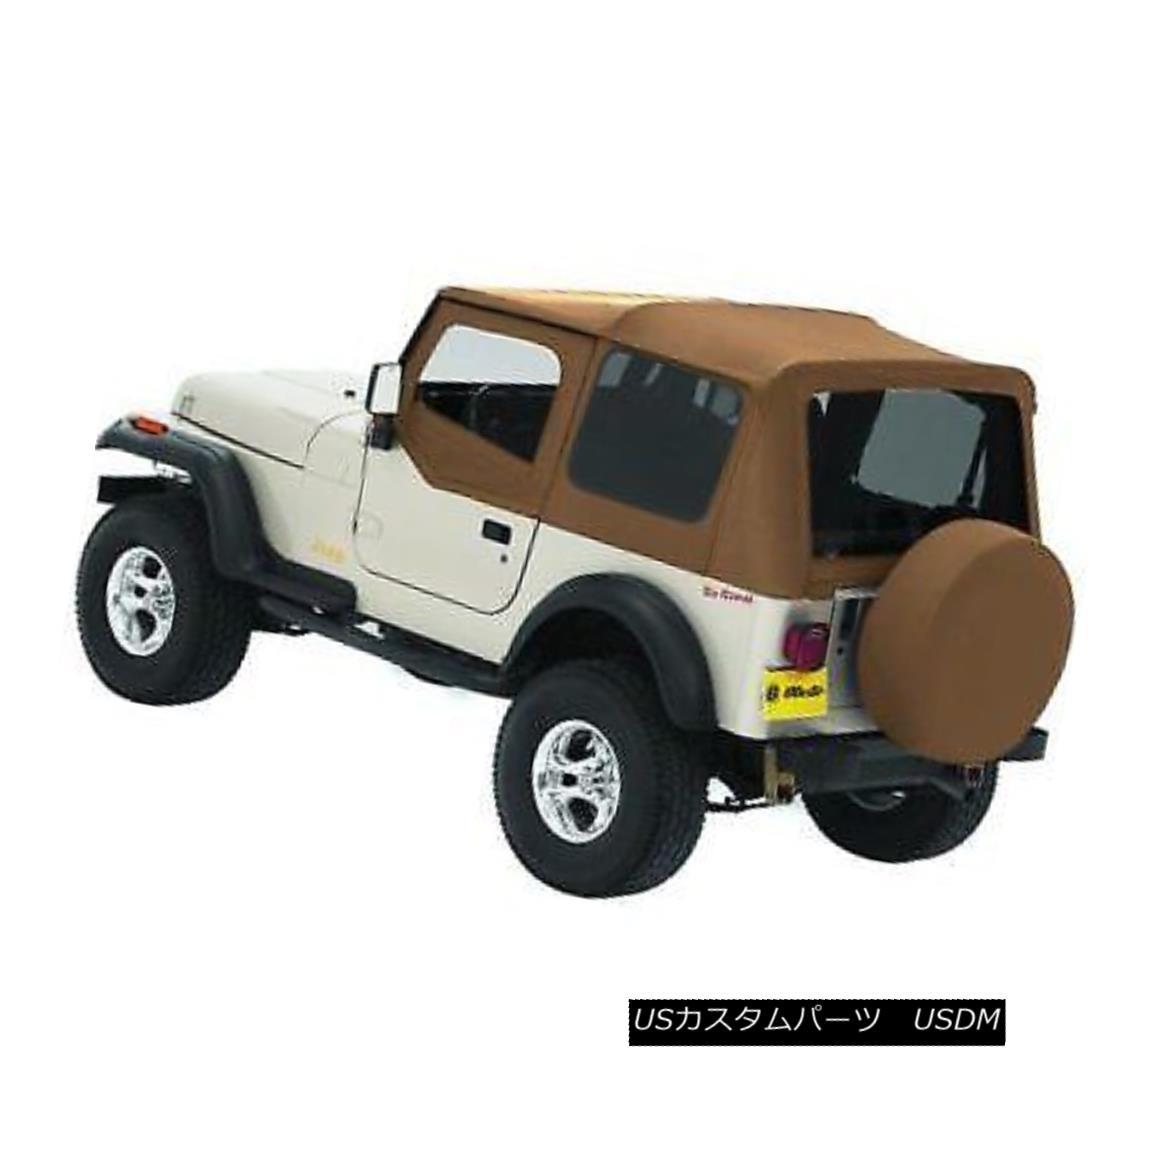 幌・ソフトトップ Bestop 51120-37 Soft Top For 88-95 Jeep Wrangler (YJ) Bestop 51120-37ソフトトップ88-95ジープラングラー(YJ)用